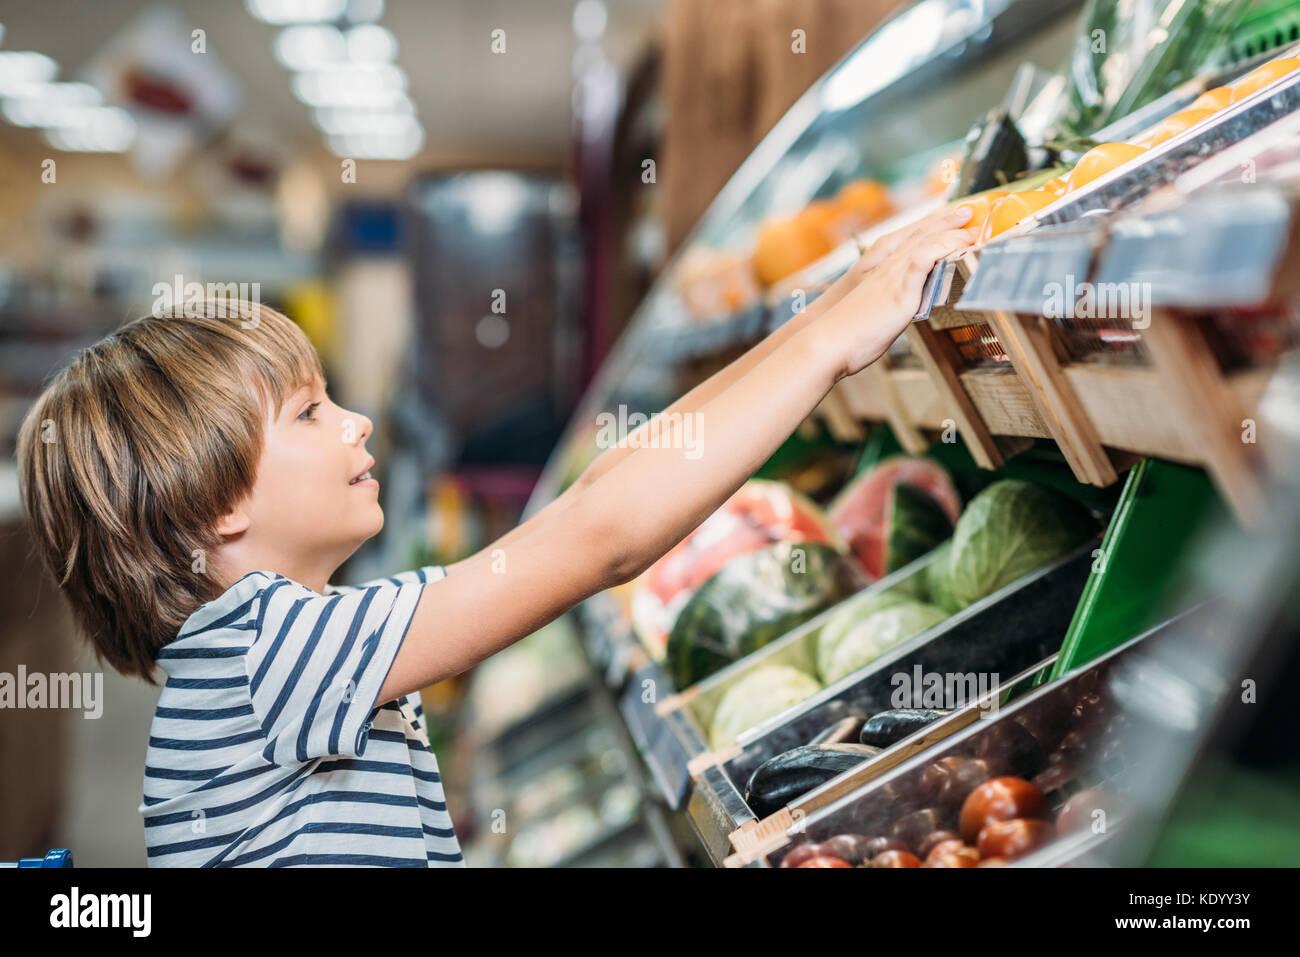 Garçon choisissent des aliments en épicerie Banque D'Images